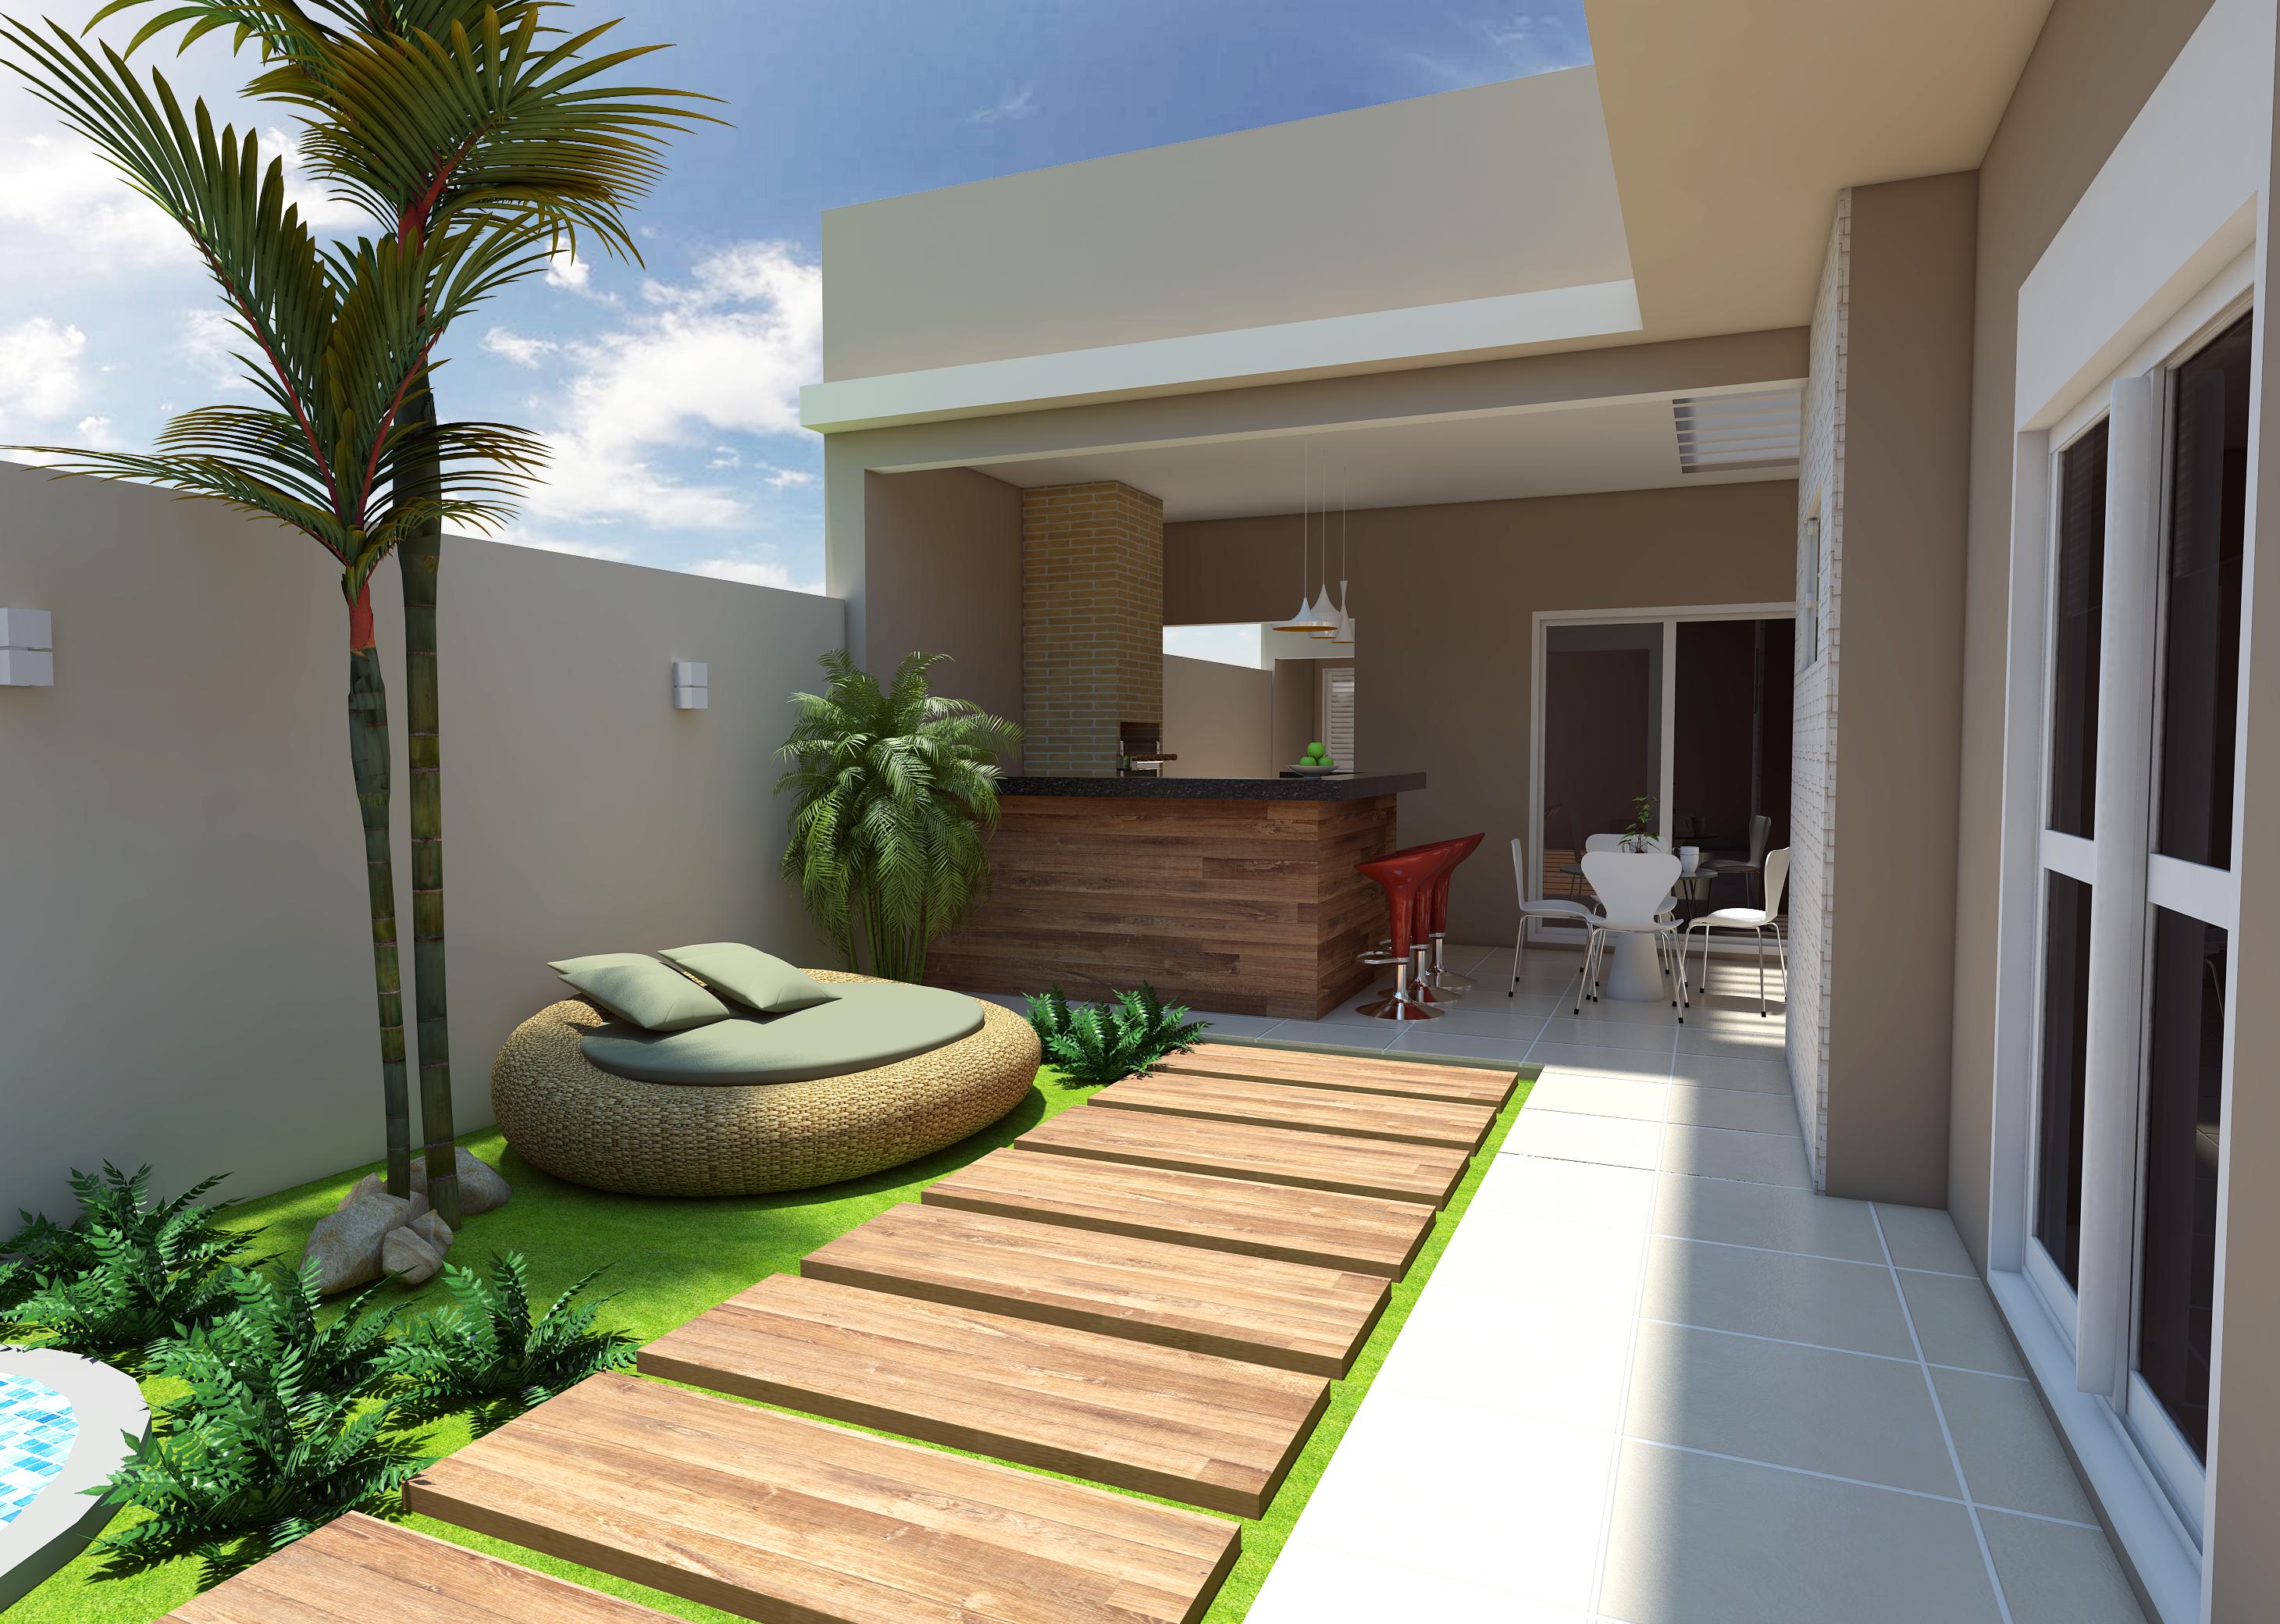 Projeto planta construir casa terrea moderna terreno 10x25 for Casas pequenas e modernas 2017